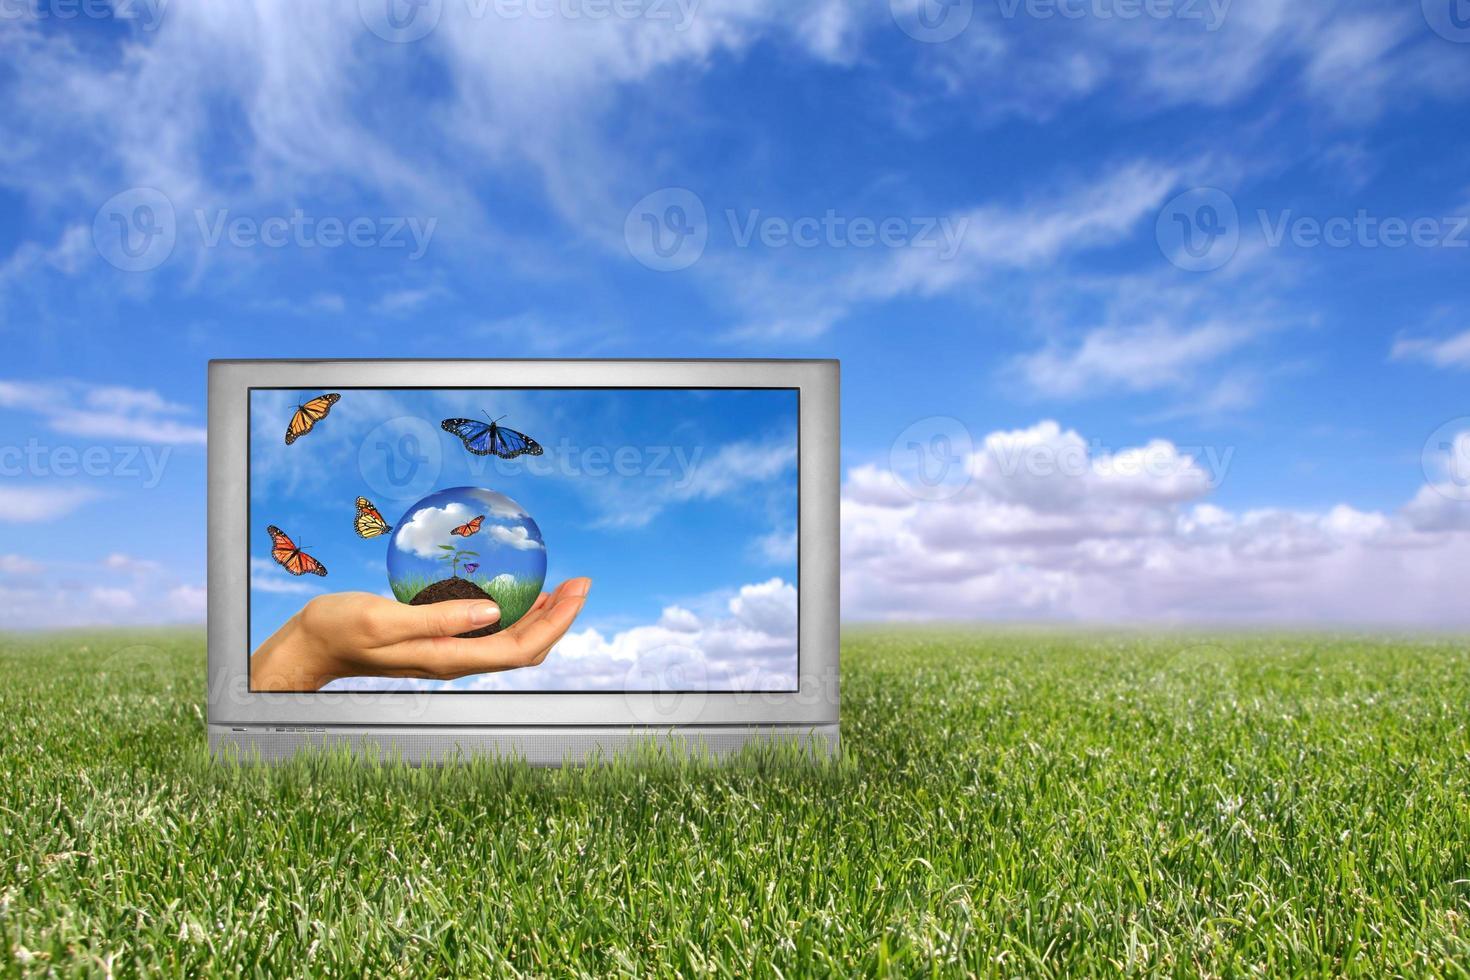 bellissimo campo di erba verde e blu cielo nuvoloso concetto di terra foto